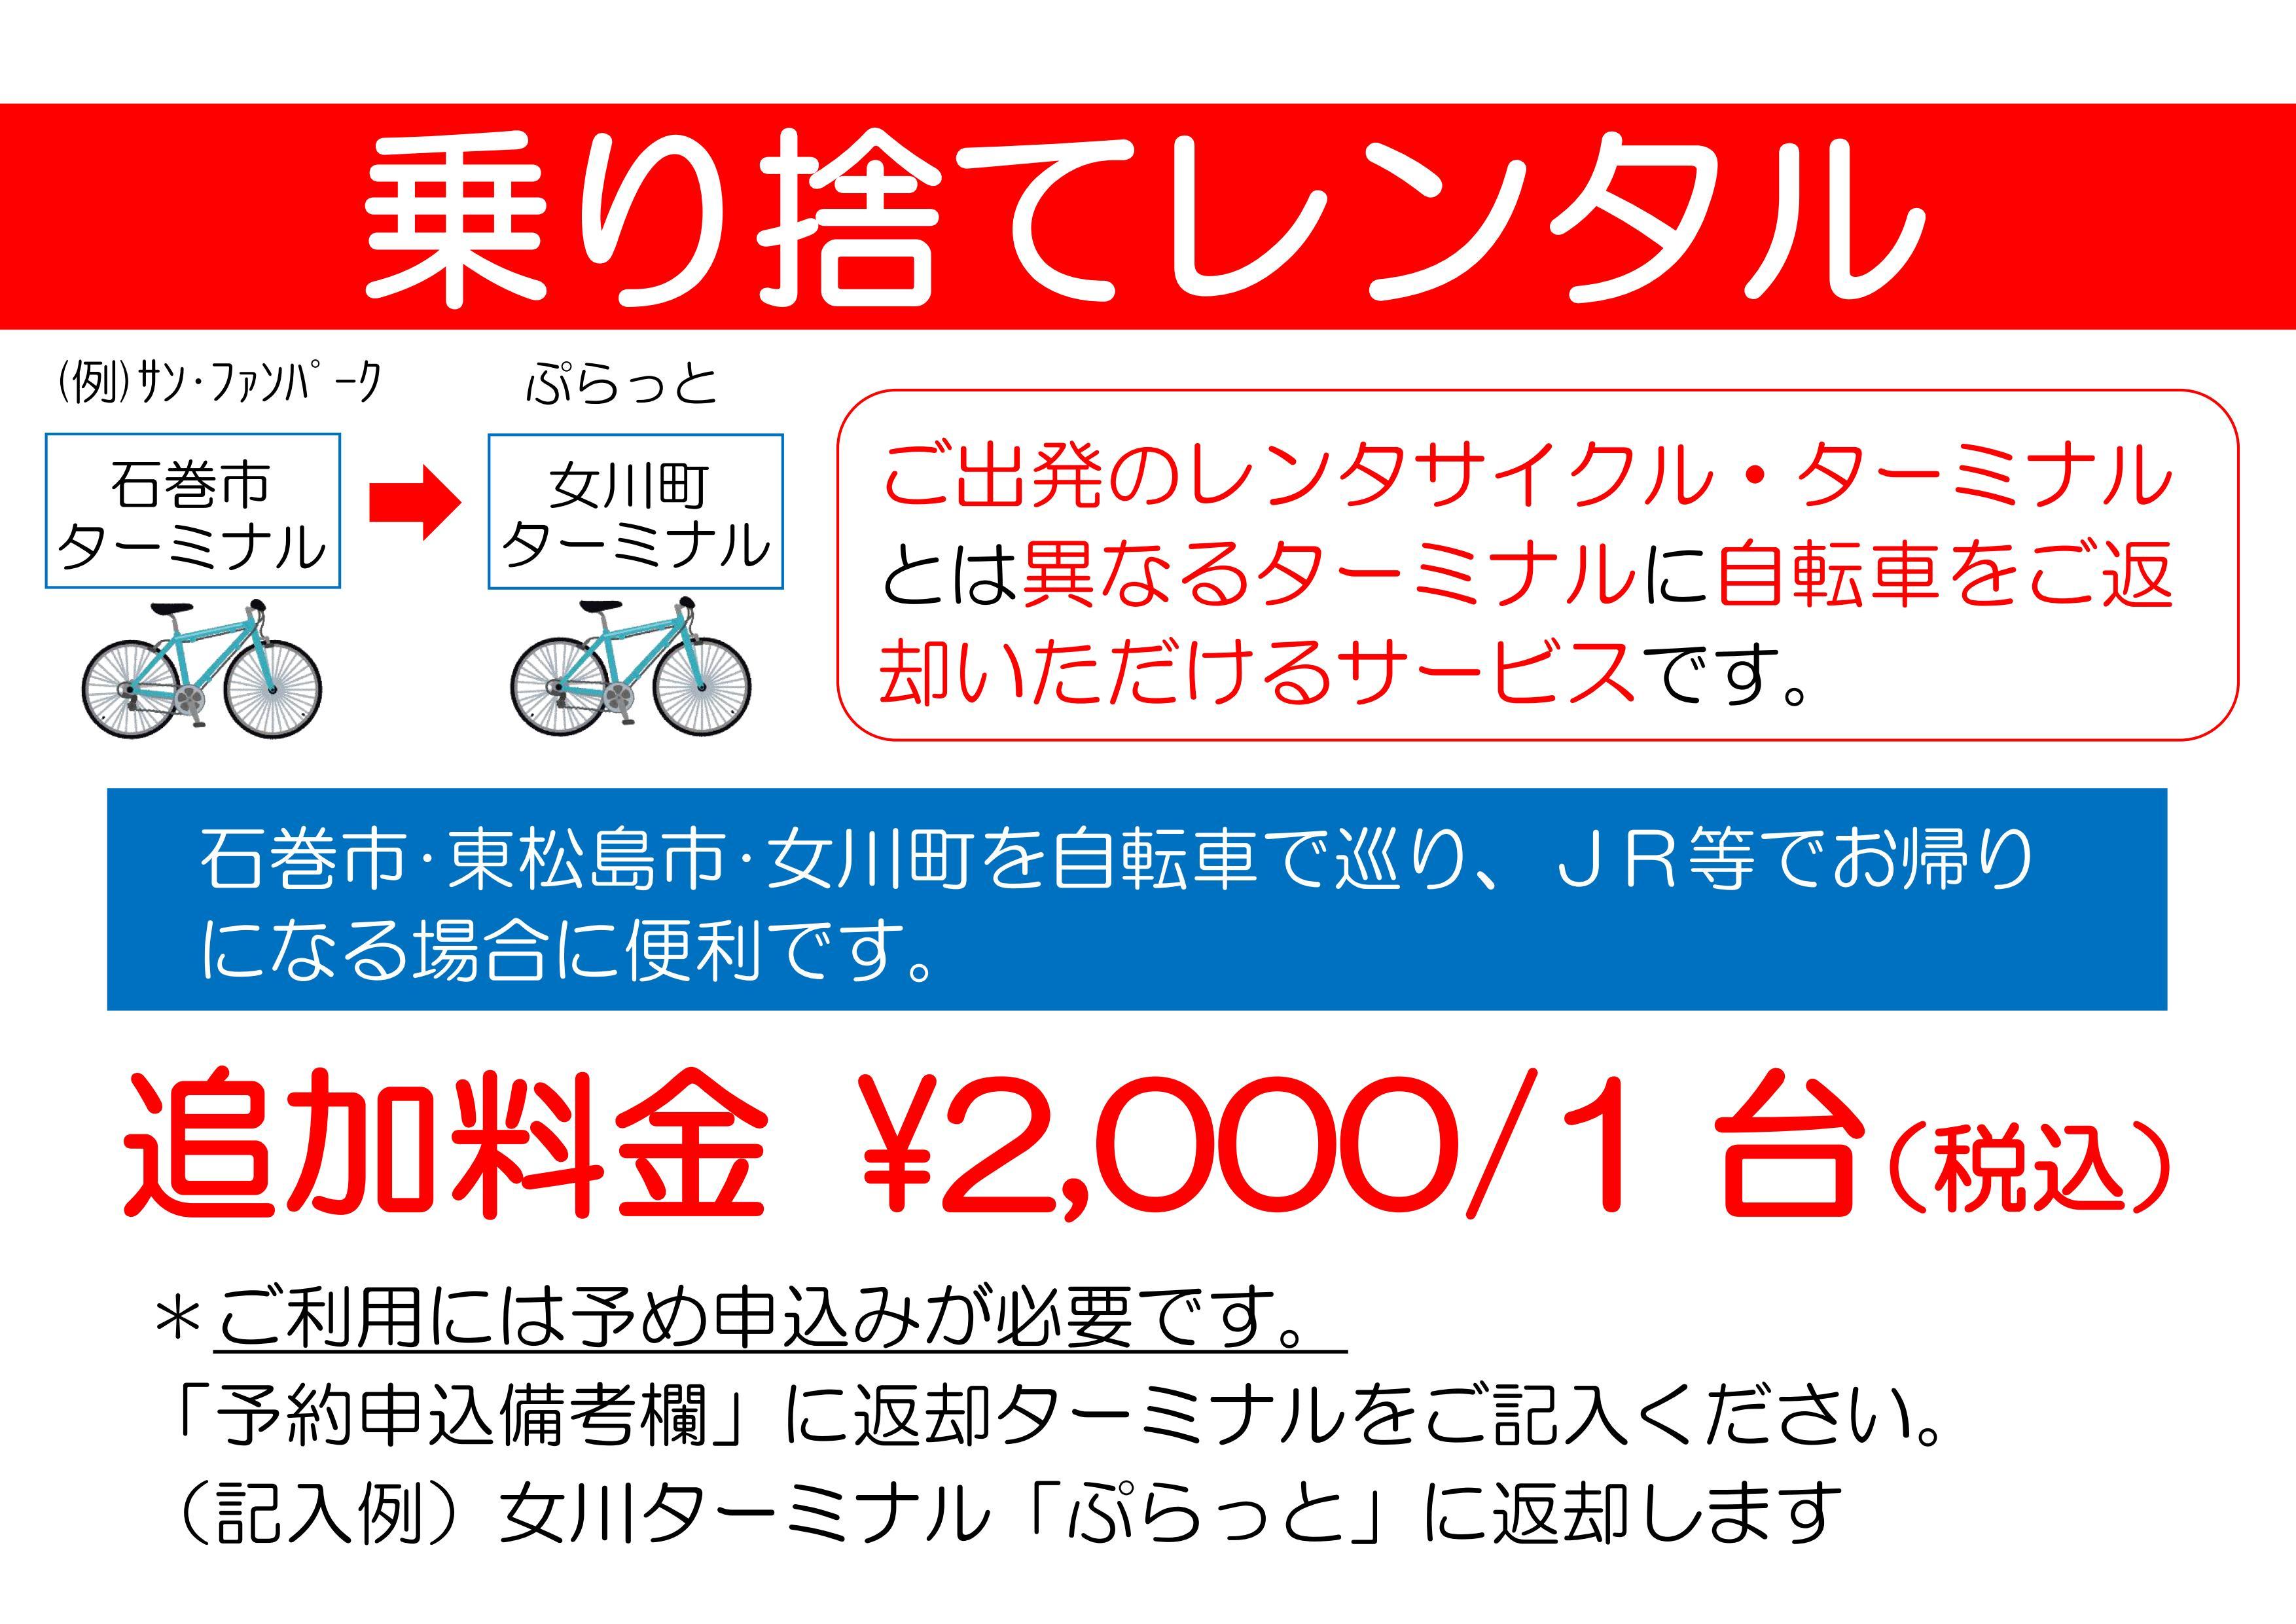 【東松島市】奥松島イートプラザ レンタサイクル申込フォーム